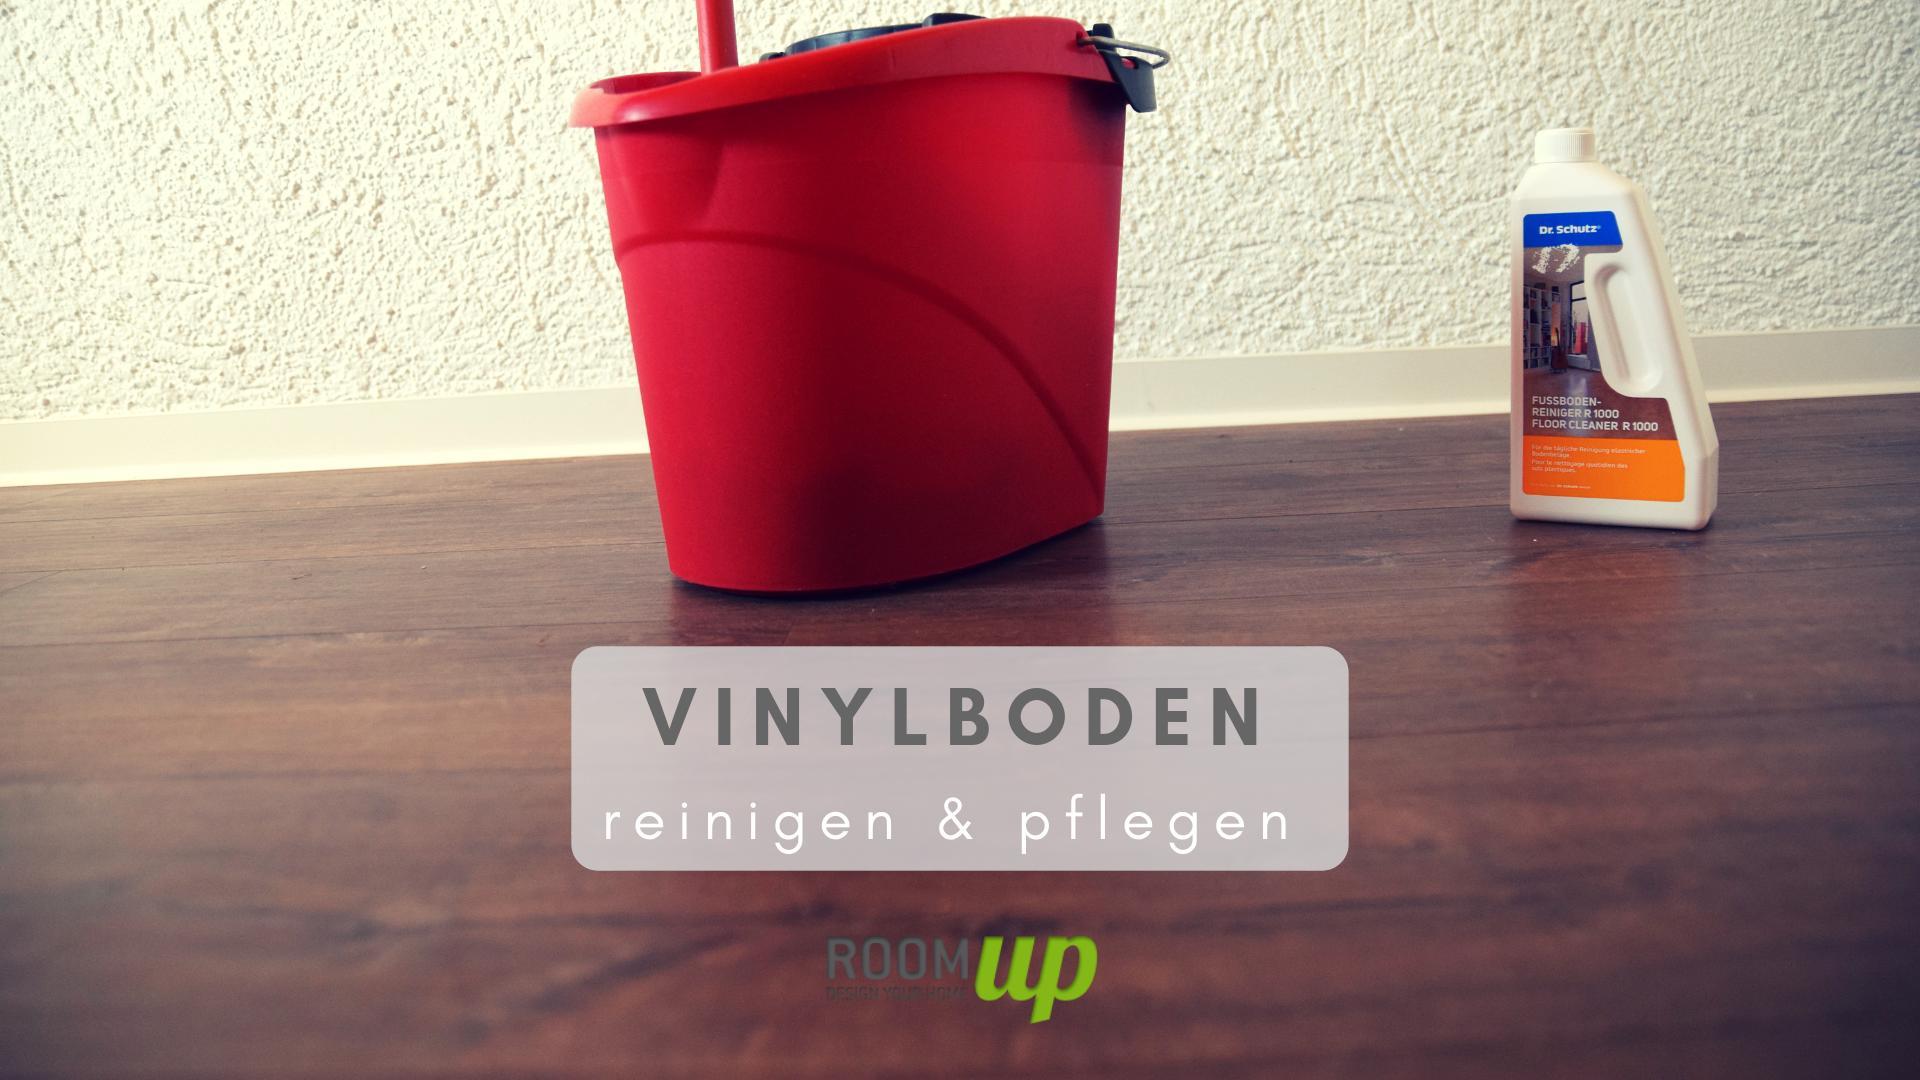 Beliebt Vinylboden reinigen und pflegen - Room up Bodenmagazin KZ21